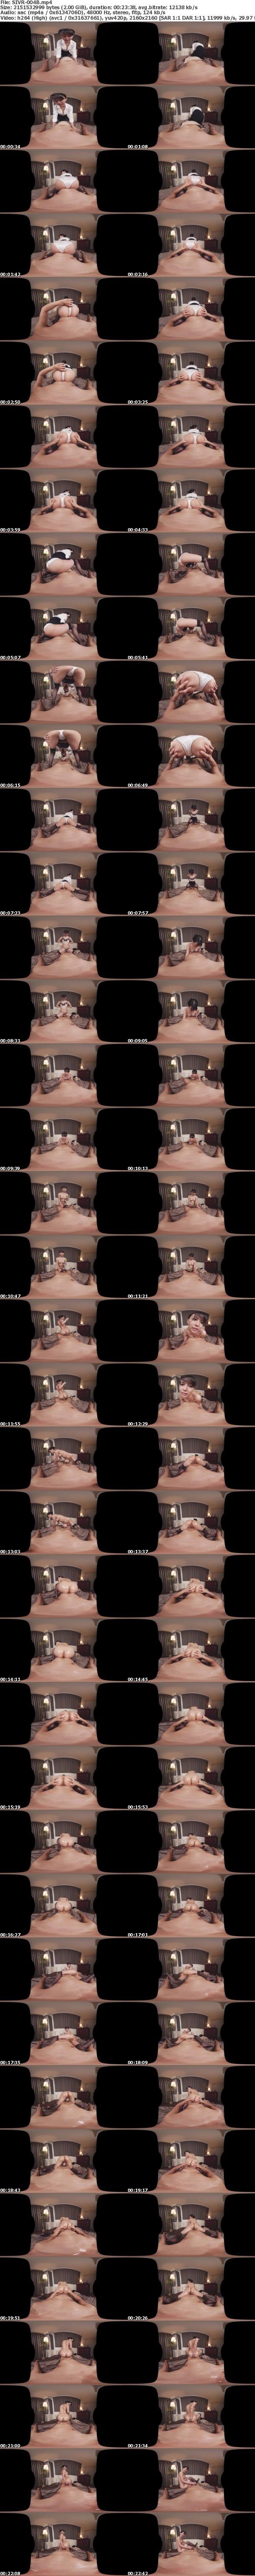 VR/3D SIVR-004 【長尺VR90分×風俗プレイ詰め合わせ】1,980円で体験できる常に密着、風俗プレイVRフルセット 葵つかさ